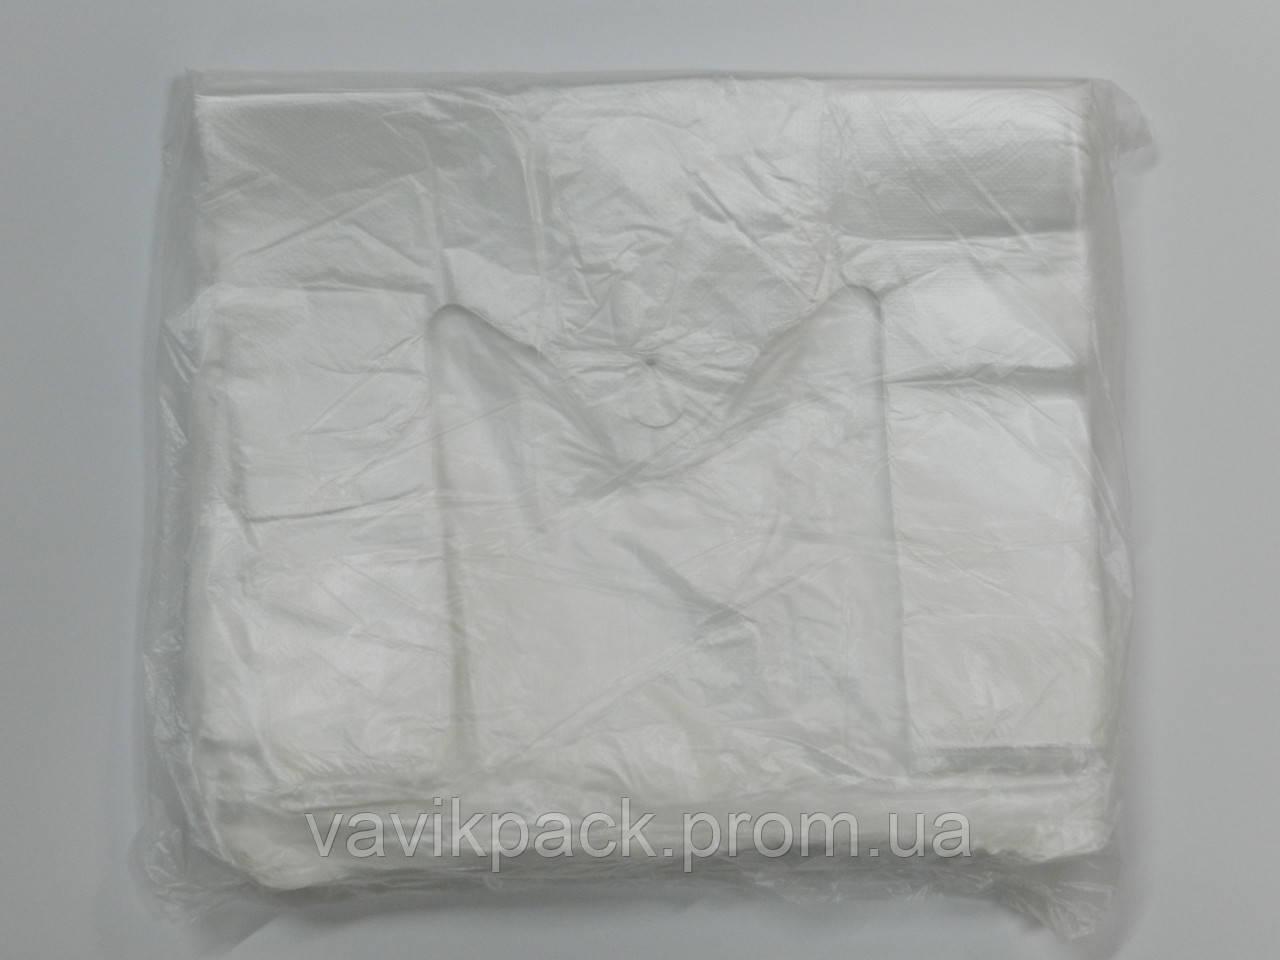 Пакет майка 24*42 (180шт)